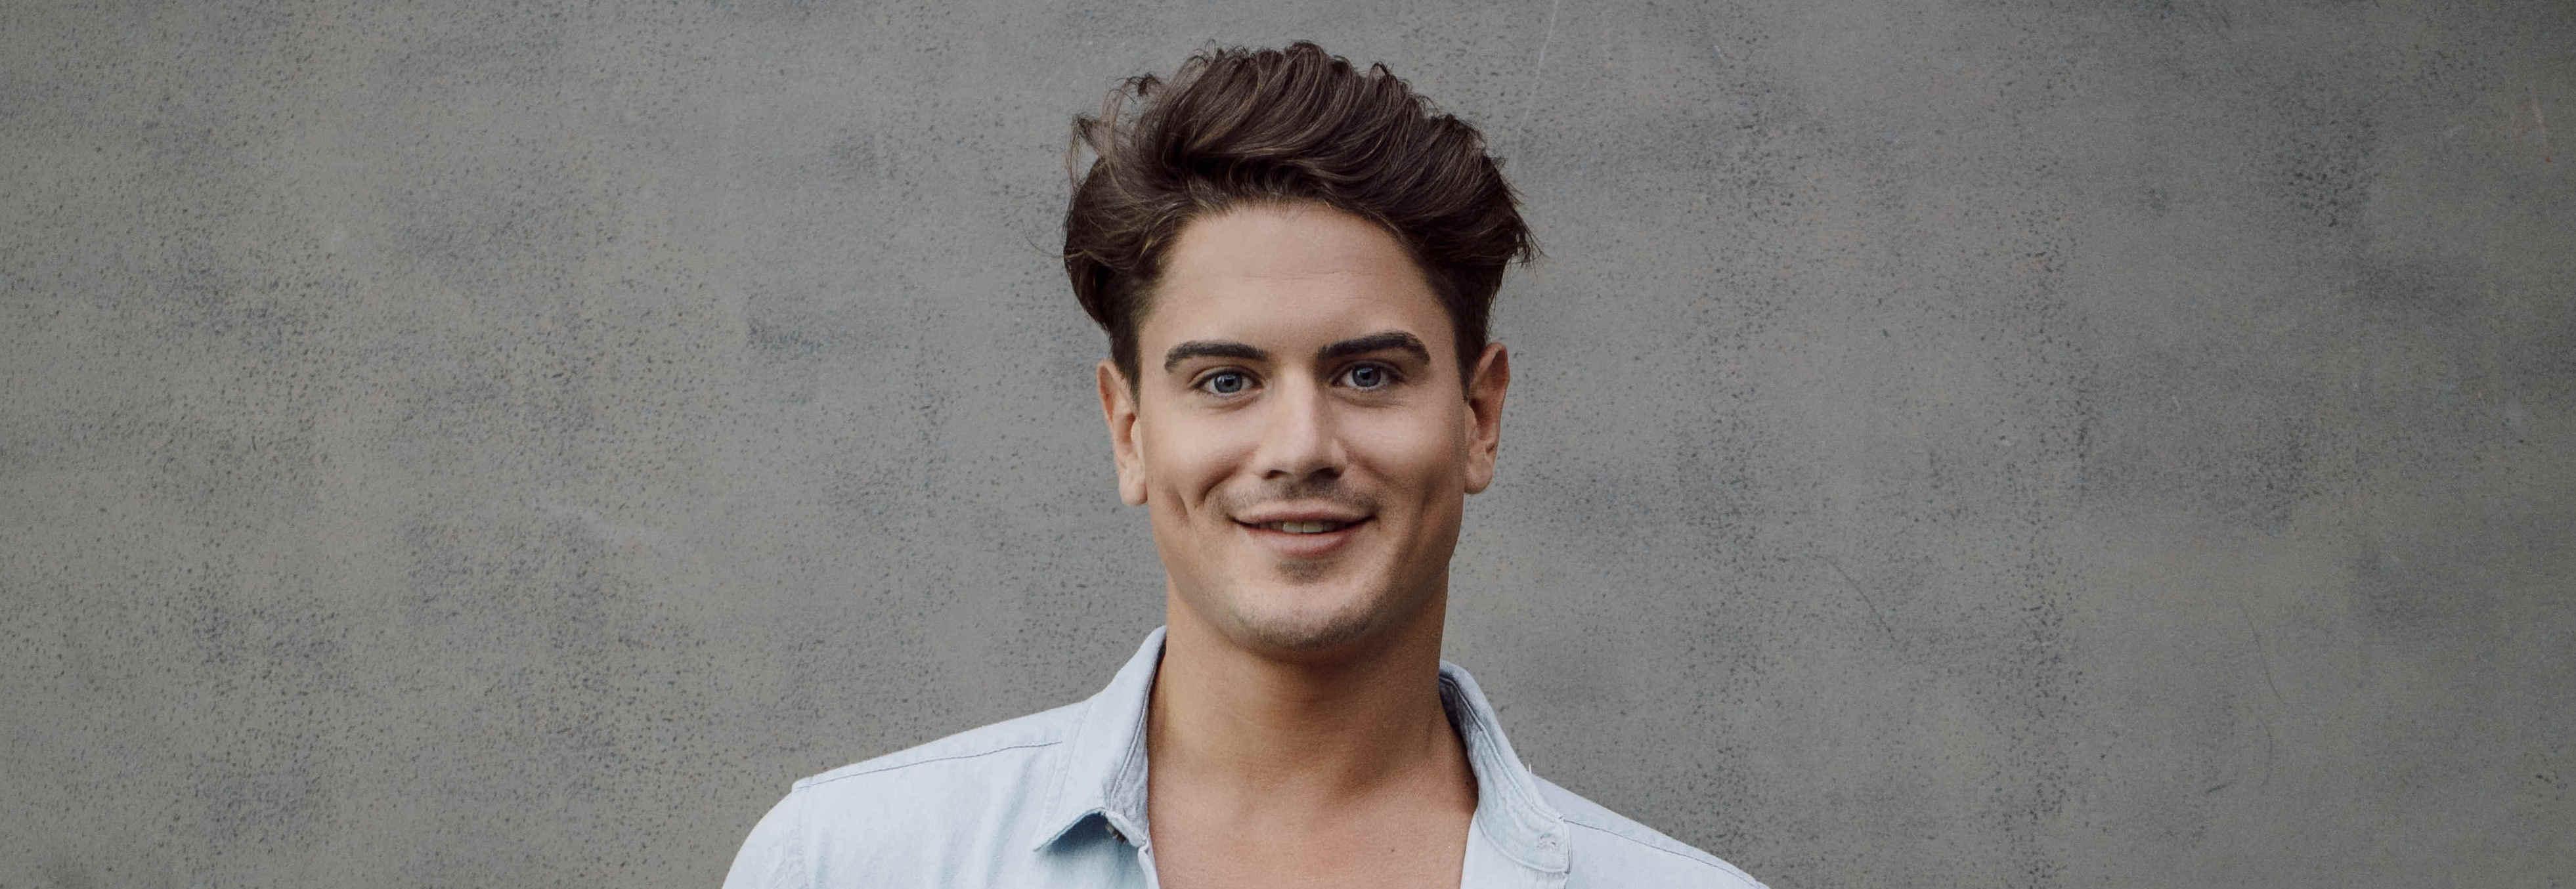 Dominik Bruntner Promi Big Brother 2017 Mister Germany Promi BB Dominik Bruntner